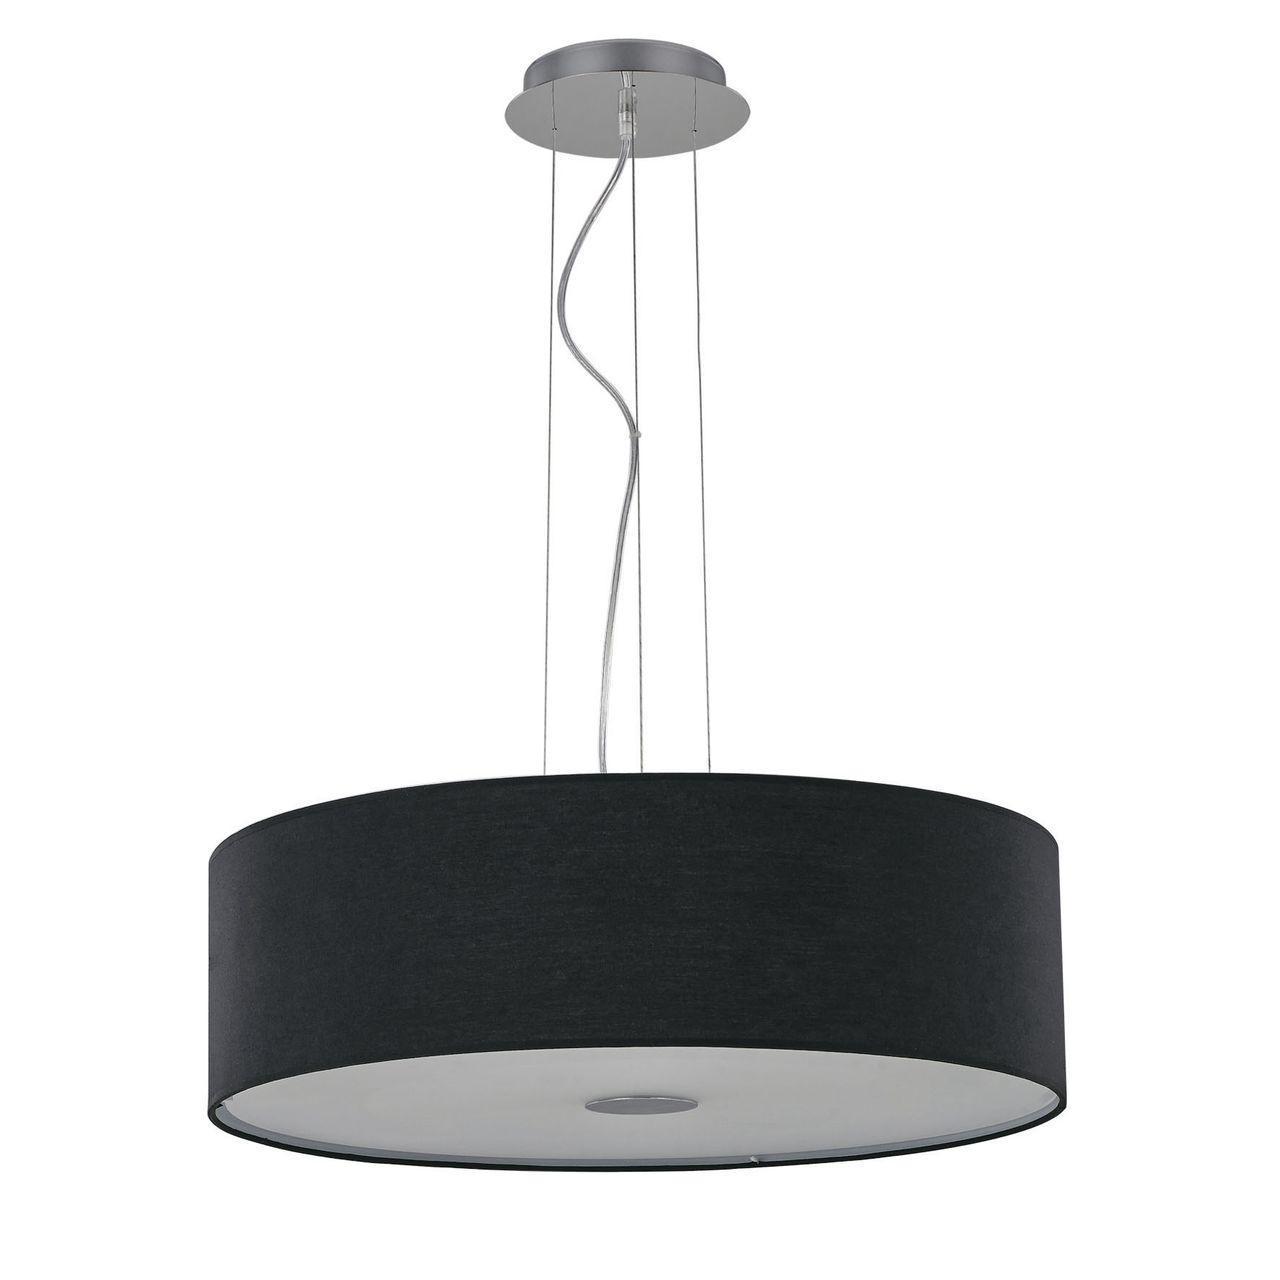 Подвесной светильник Ideal Lux Woody SP4 Nero цена